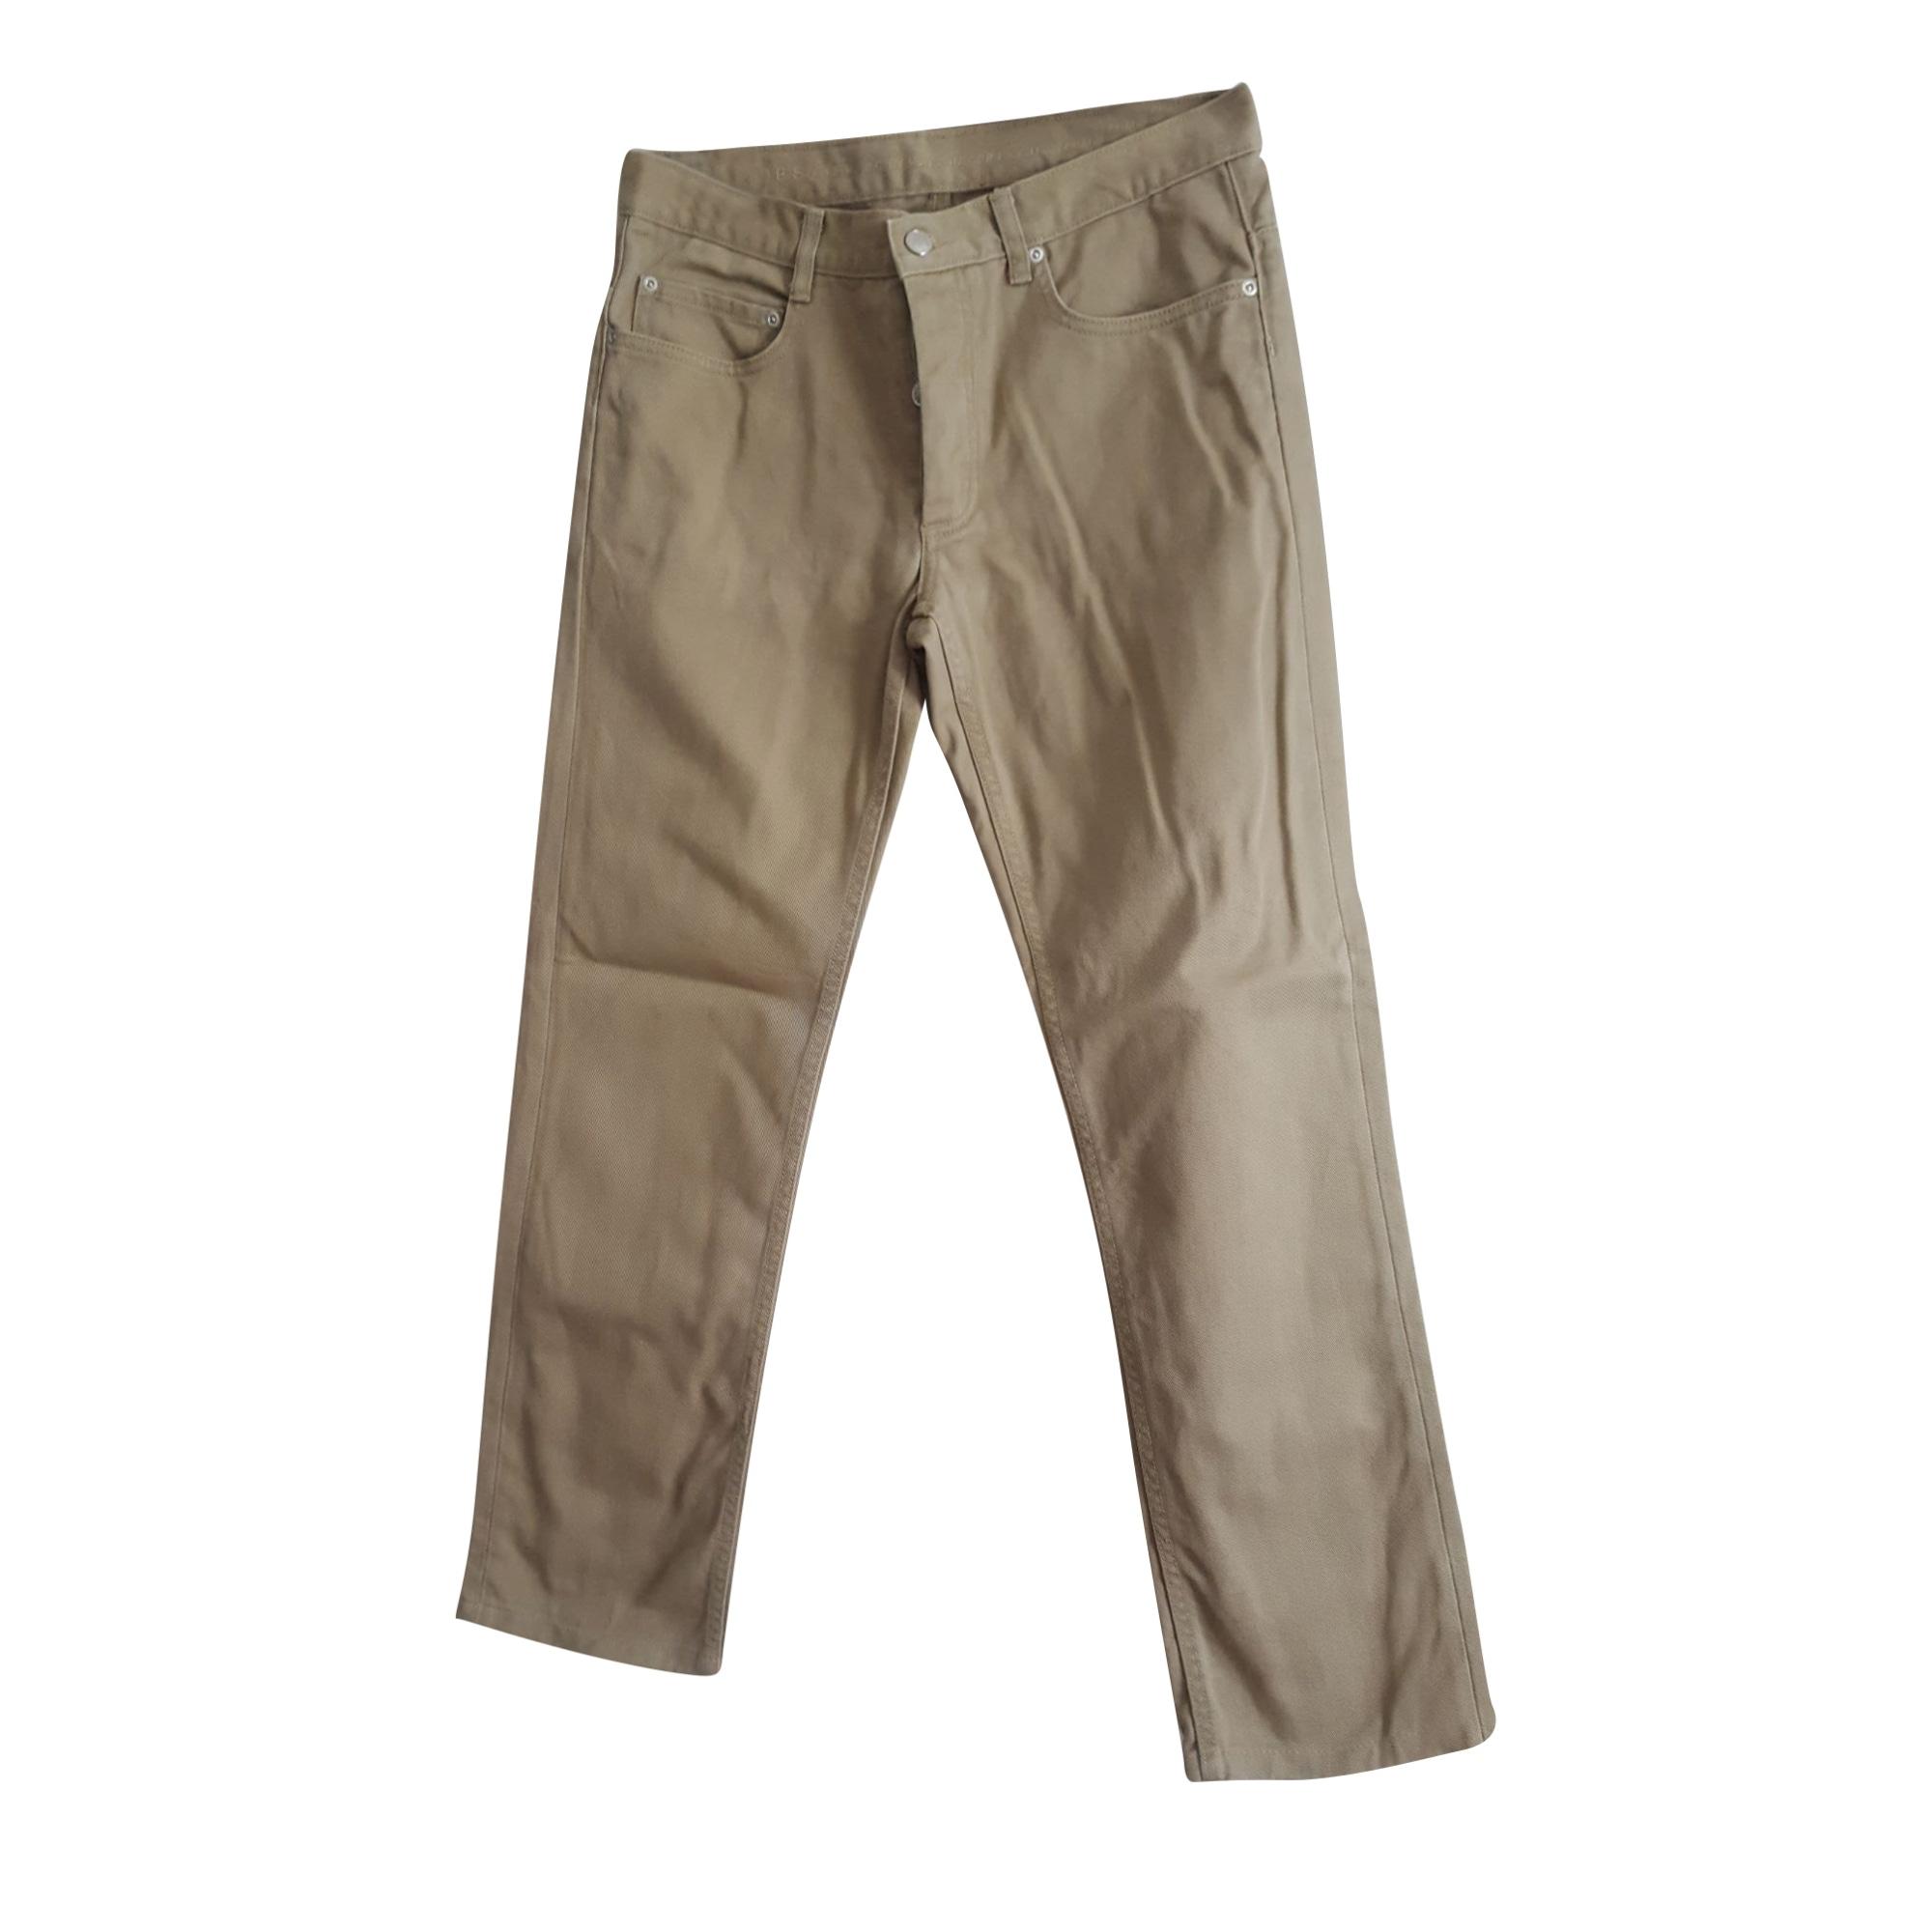 Pantalon droit MARC JACOBS Beige, camel